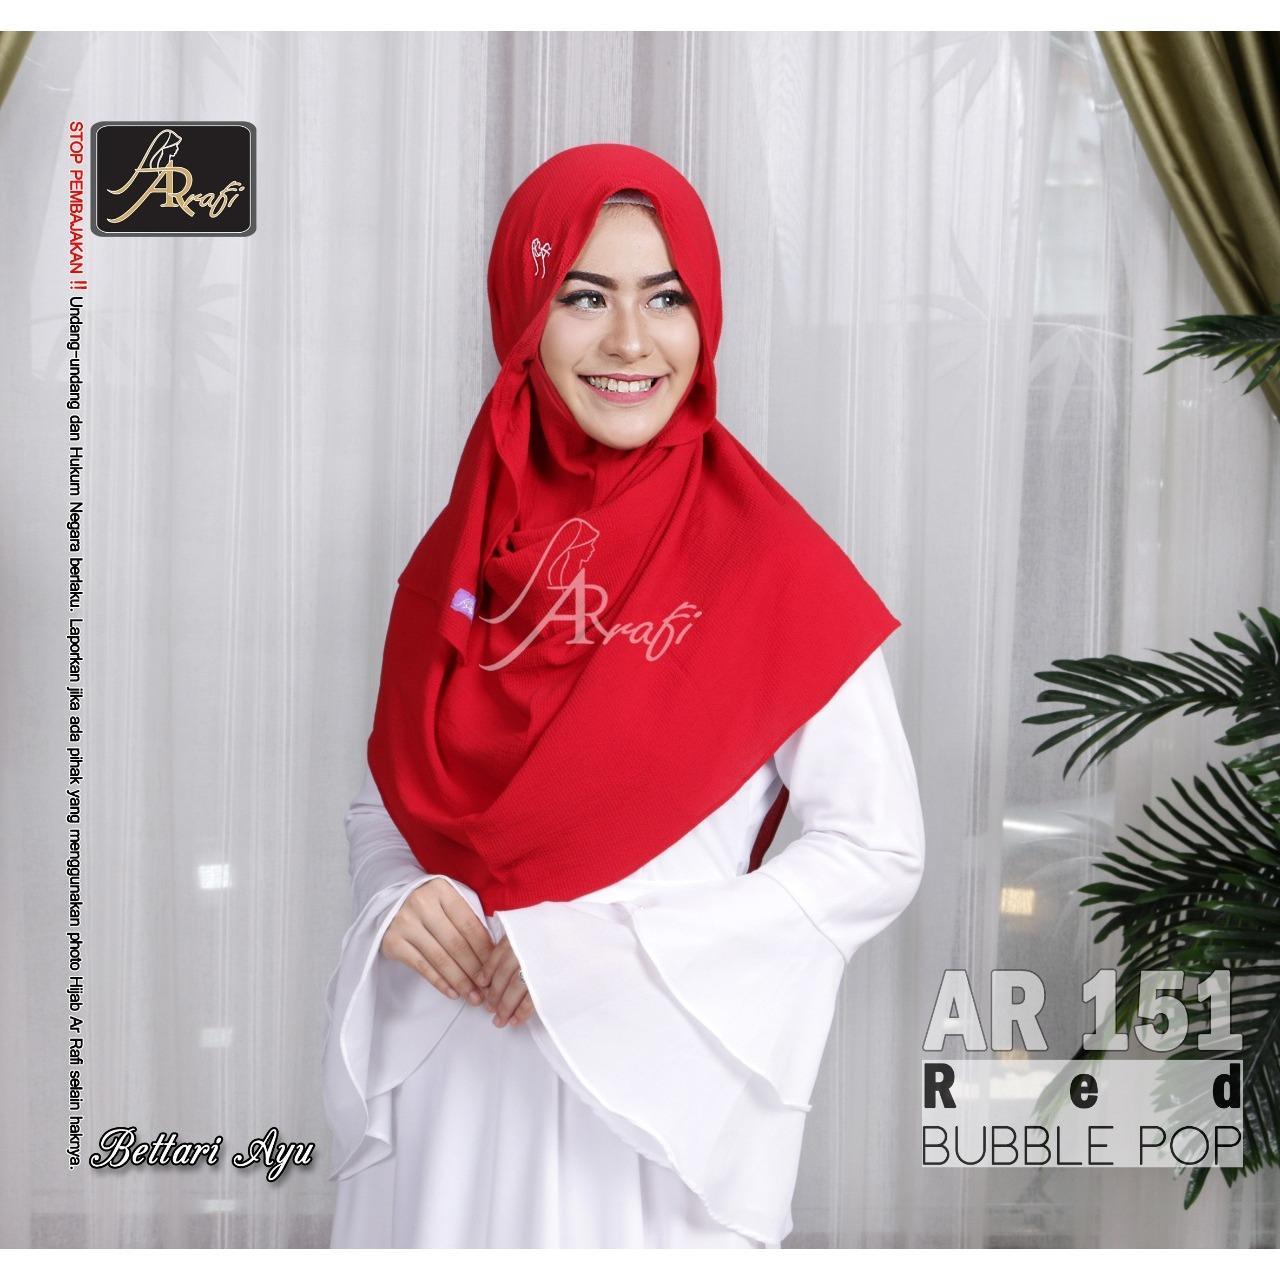 Hijab Jilbab kerudung pashmina instant pastan tali serut AR RAFI 151 red